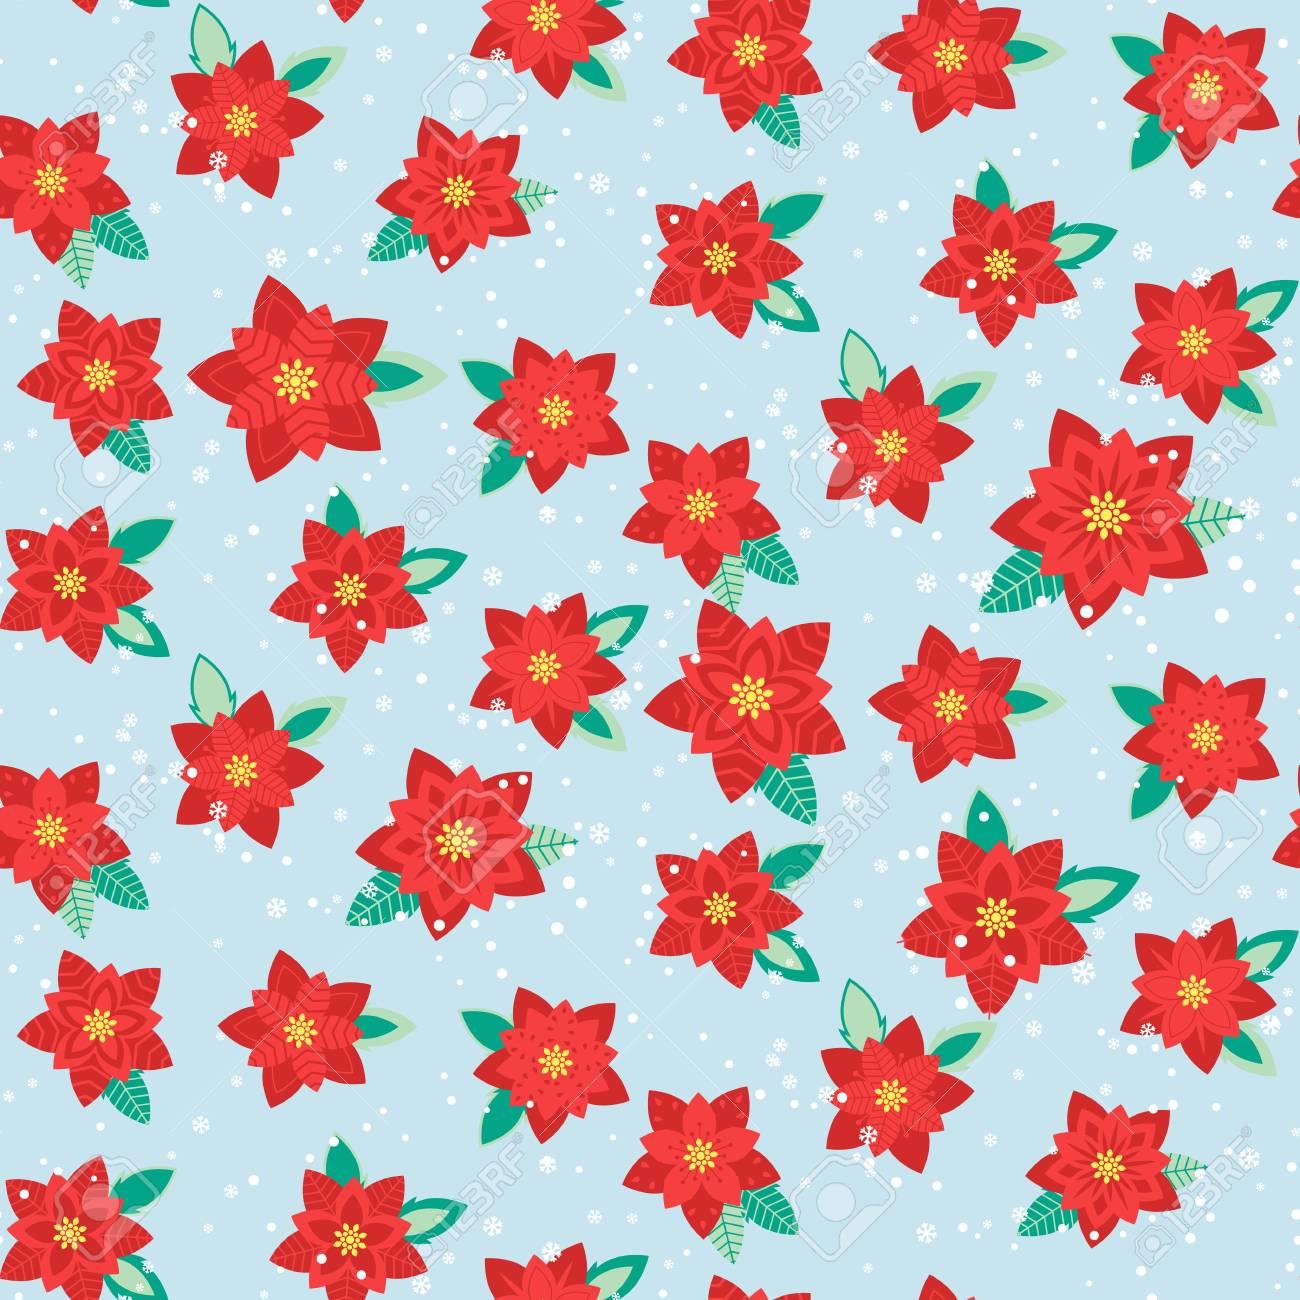 Stella Di Natale Cartamodello.Modello Di Natale Senza Soluzione Di Continuita Con Fiori Stella Di Natale Illustrazione Vettoriale